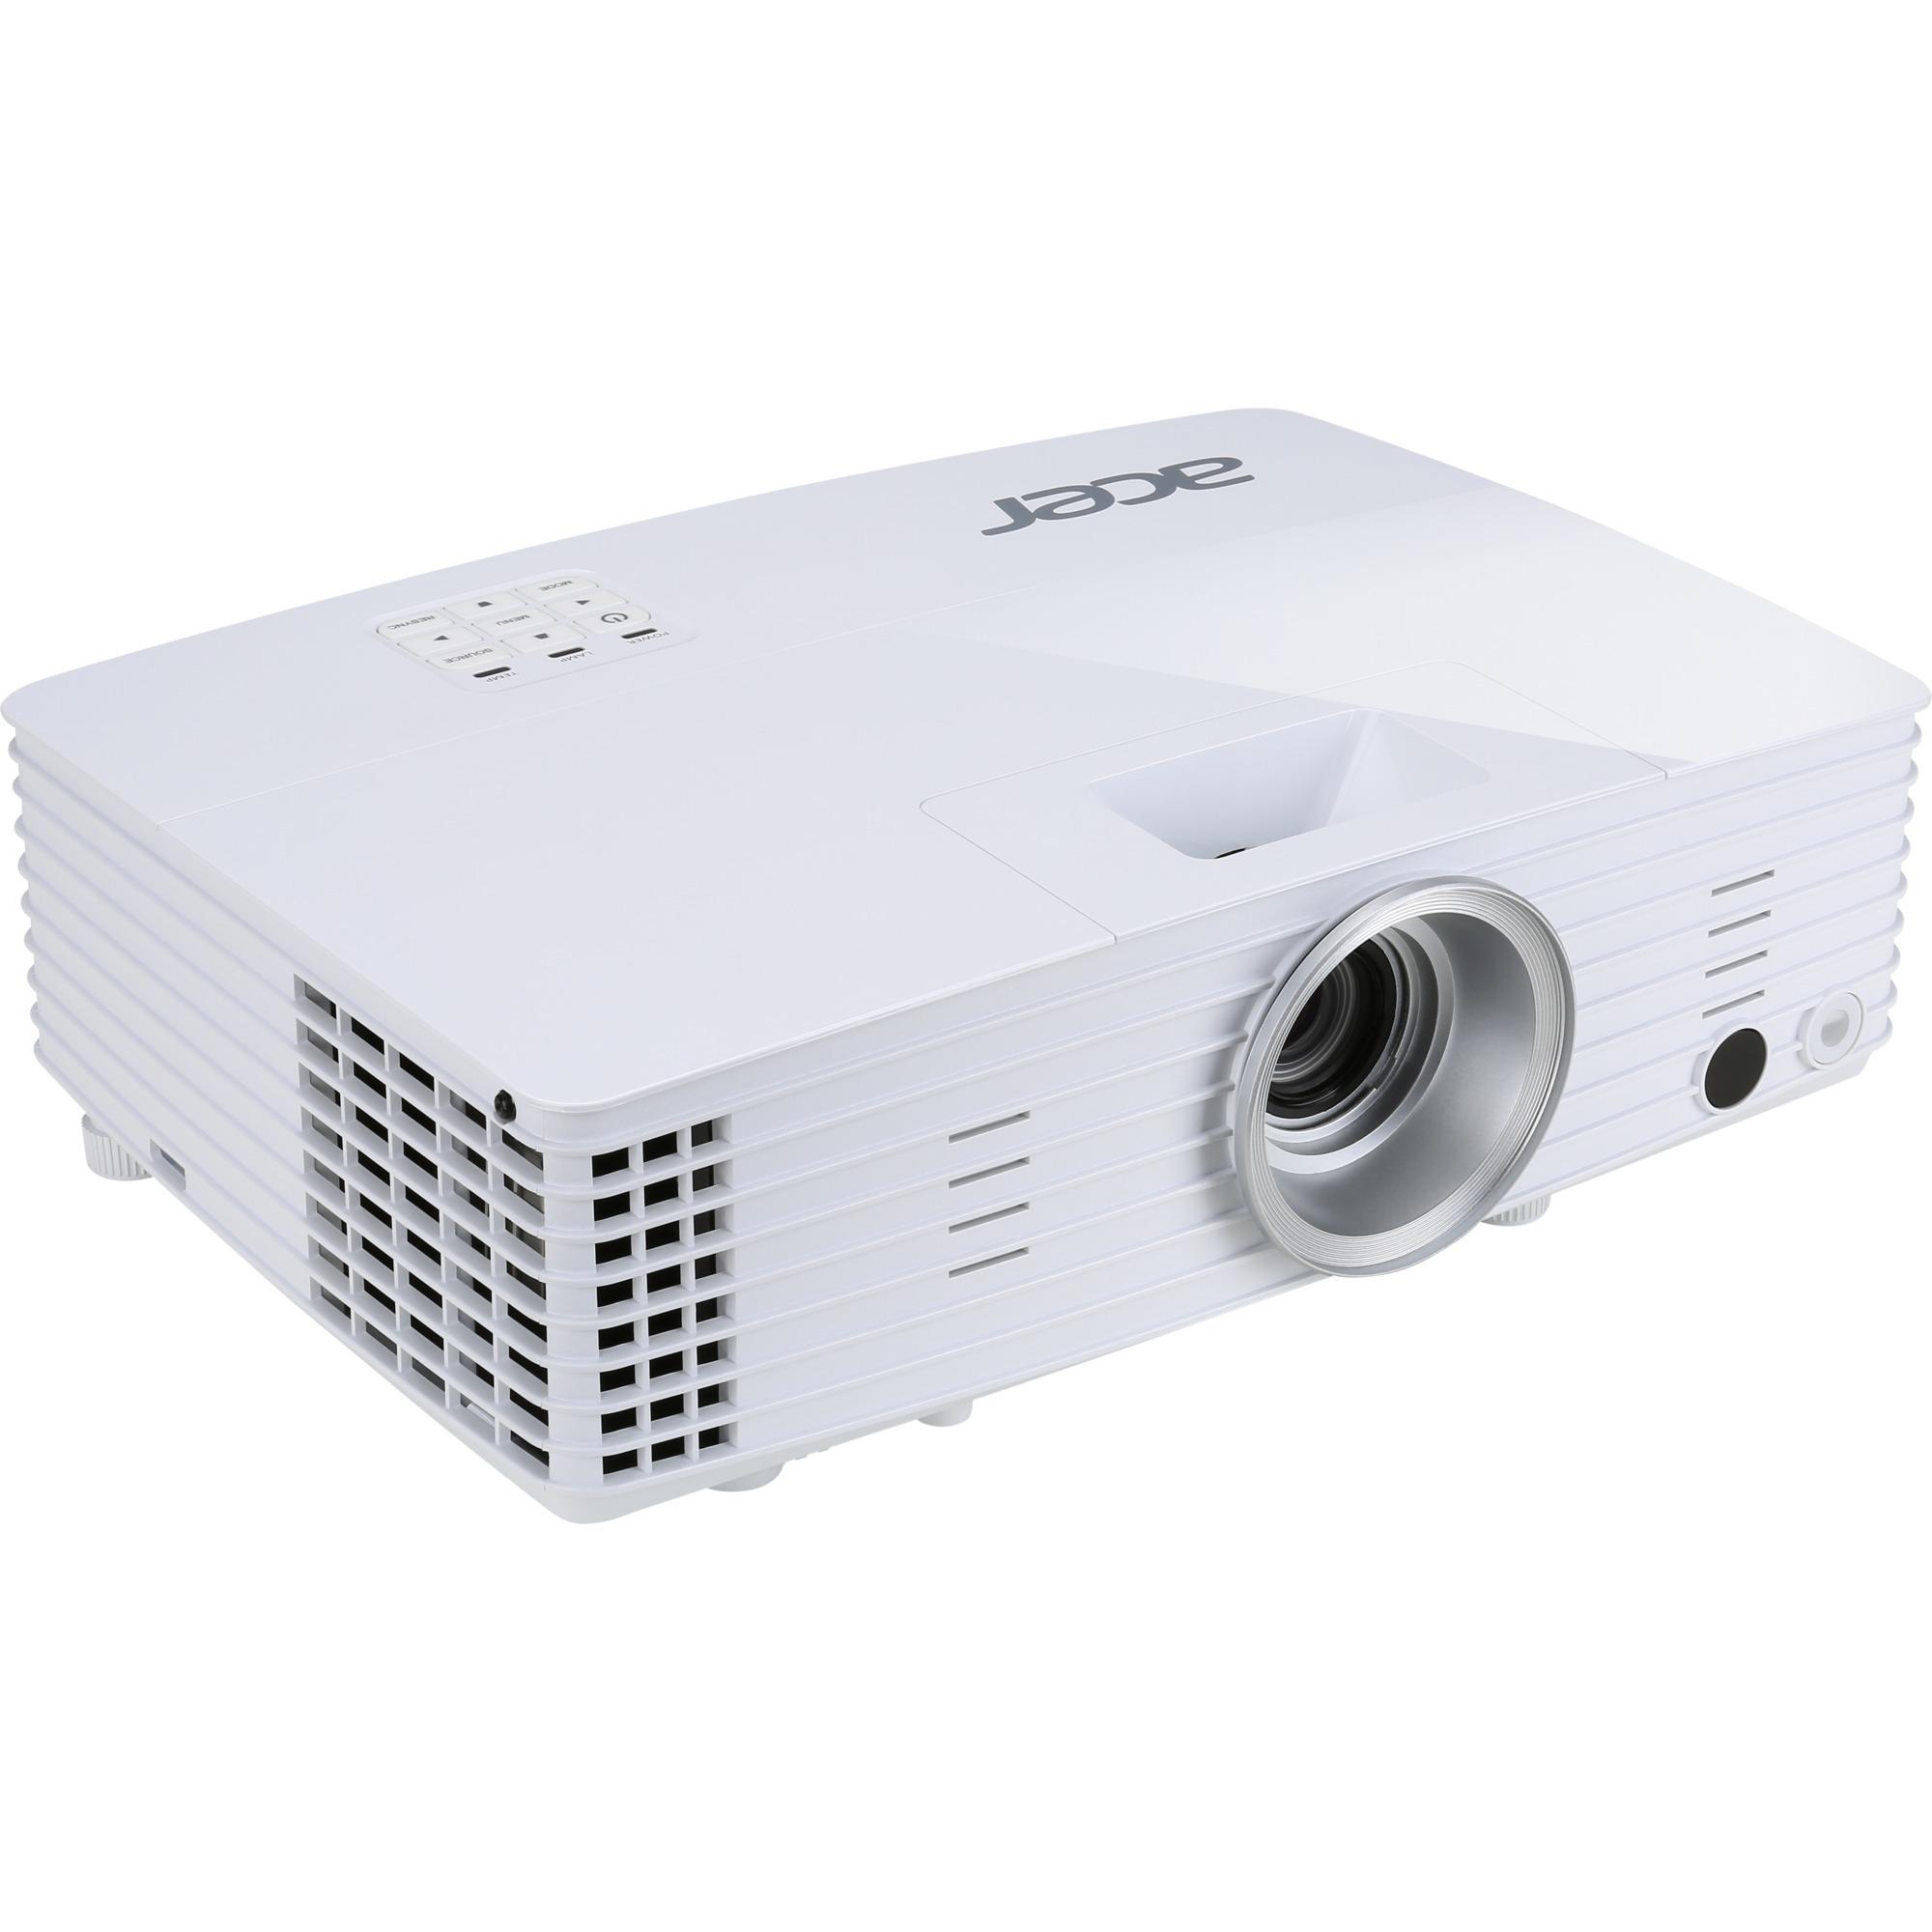 H6520BD Projecteur de bureau 3400ANSI lumens DLP 1080p (1920x1080) Blanc vidéo-projecteur, Projecteur DLP